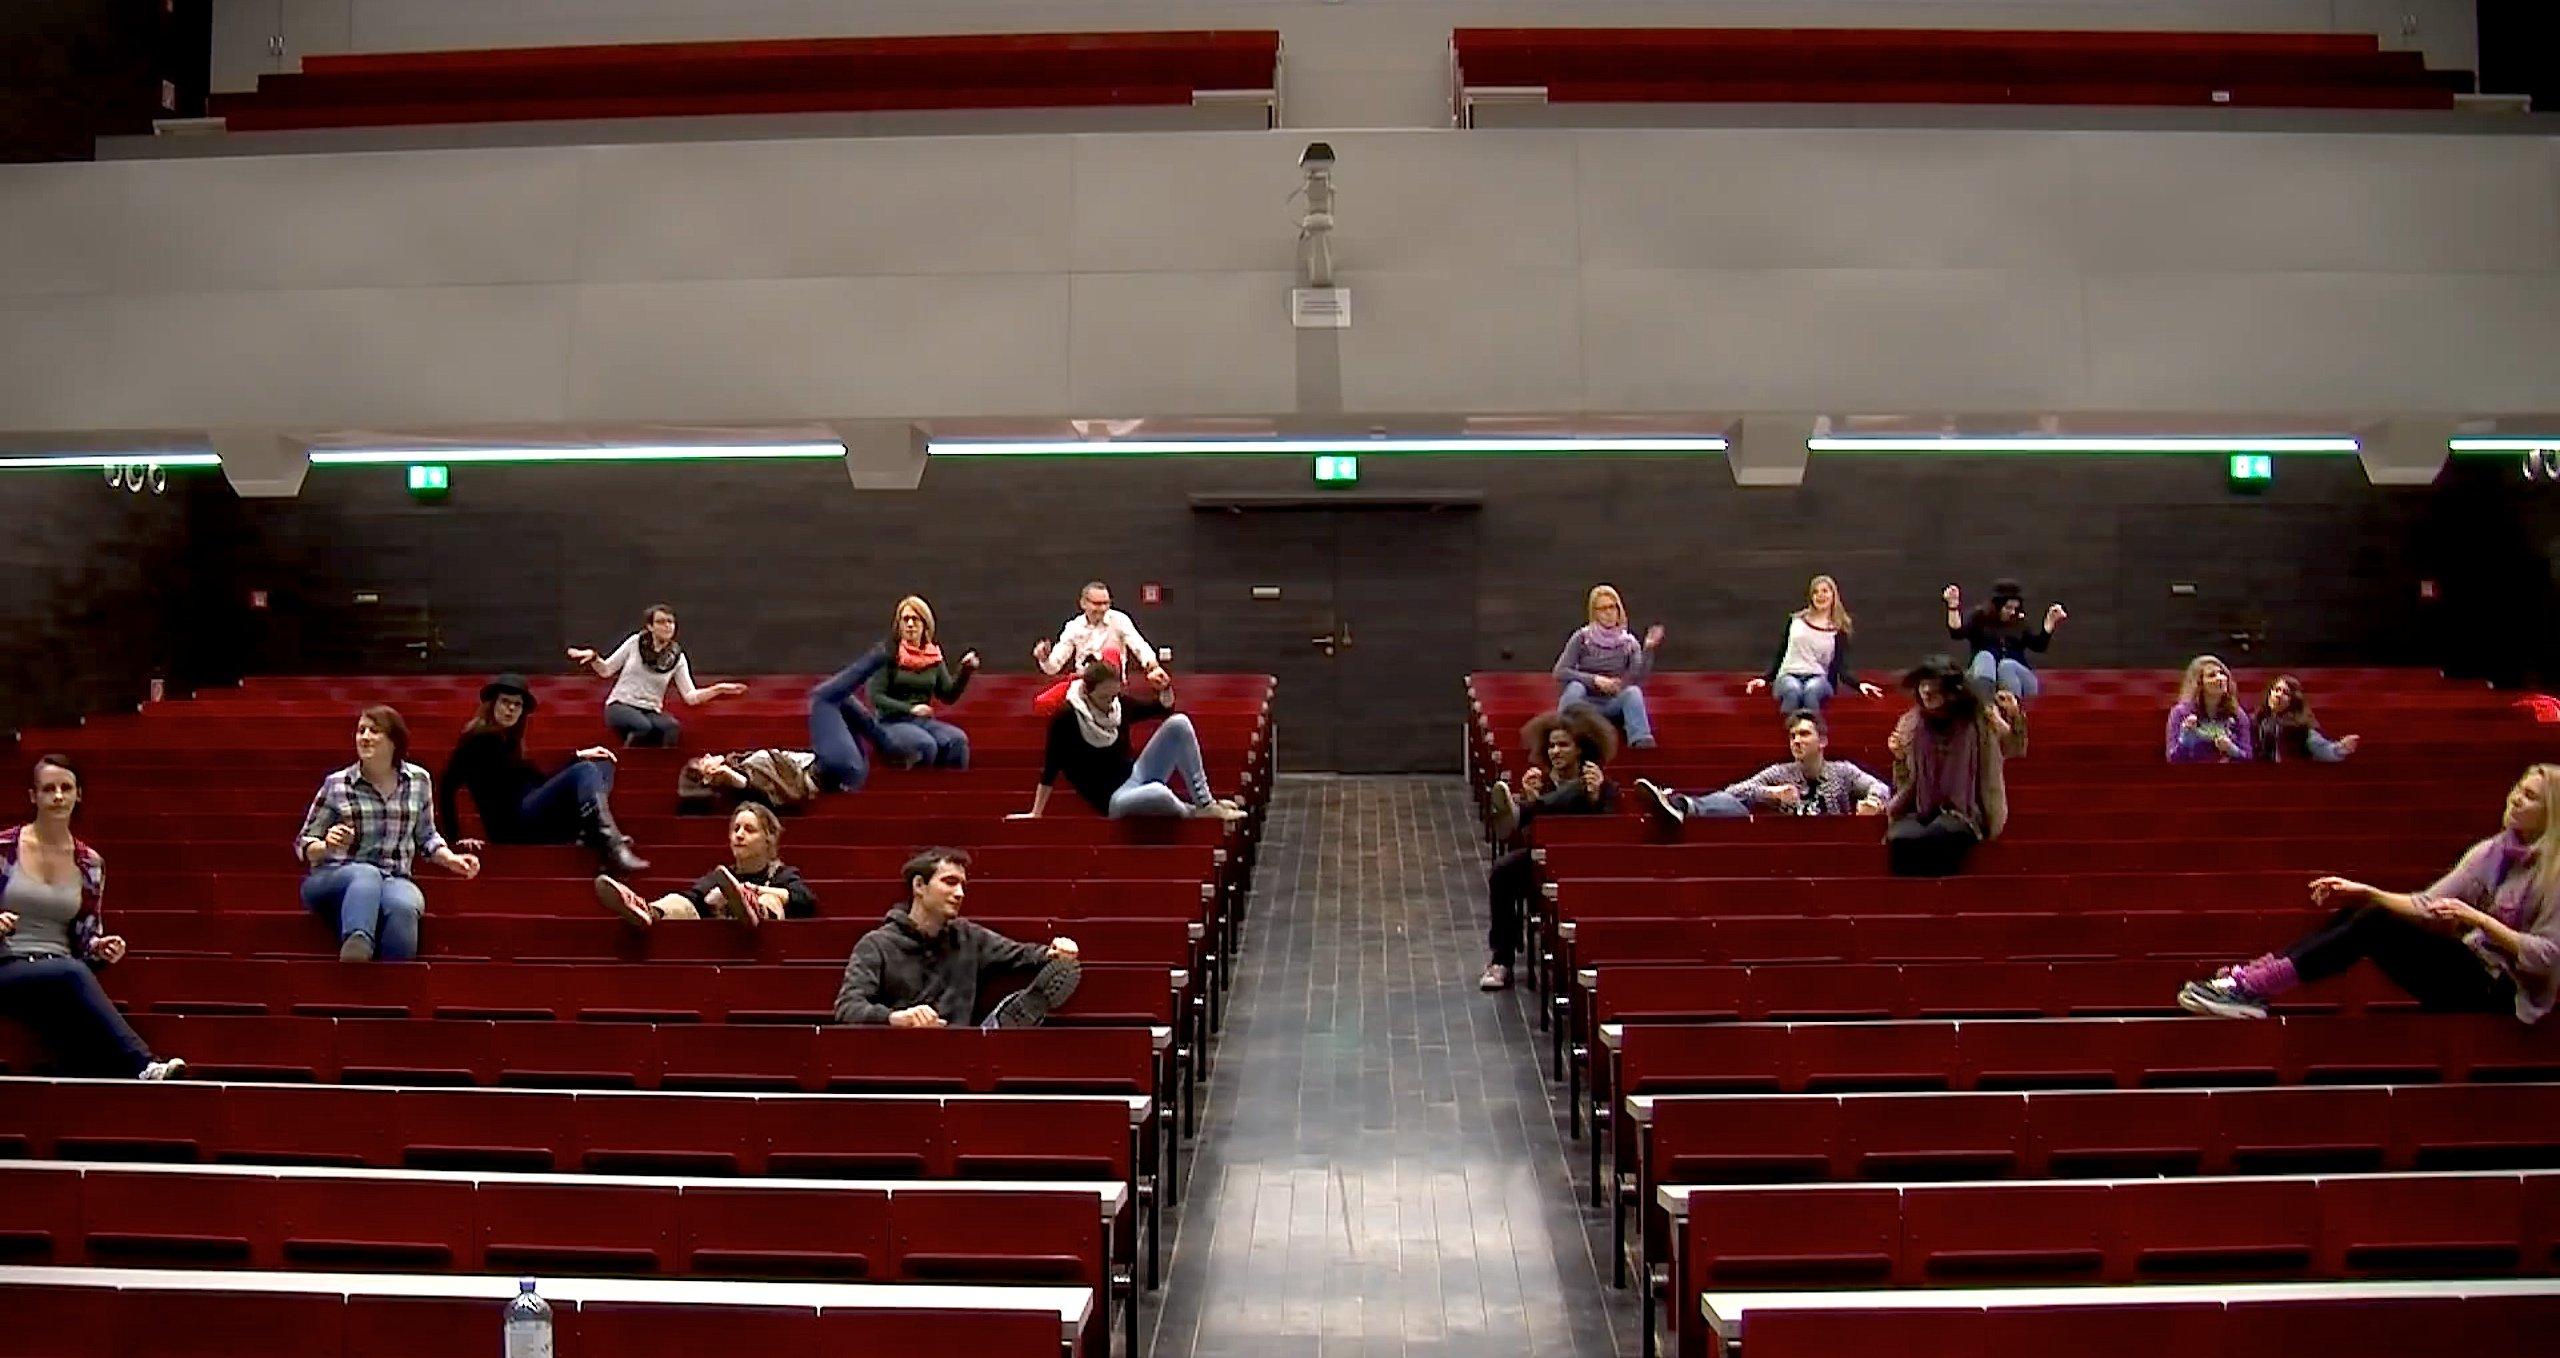 Sitztanz im Hörsaal der Universität Wien: Vor allem im Ausland haben viele technische Universitäten die Chance genutzt, ihr Image mit einem Happy-Video aufzupolieren. In Deutschland gibt es Happy-Videos nur von der RWTH Aachen und der TU München.